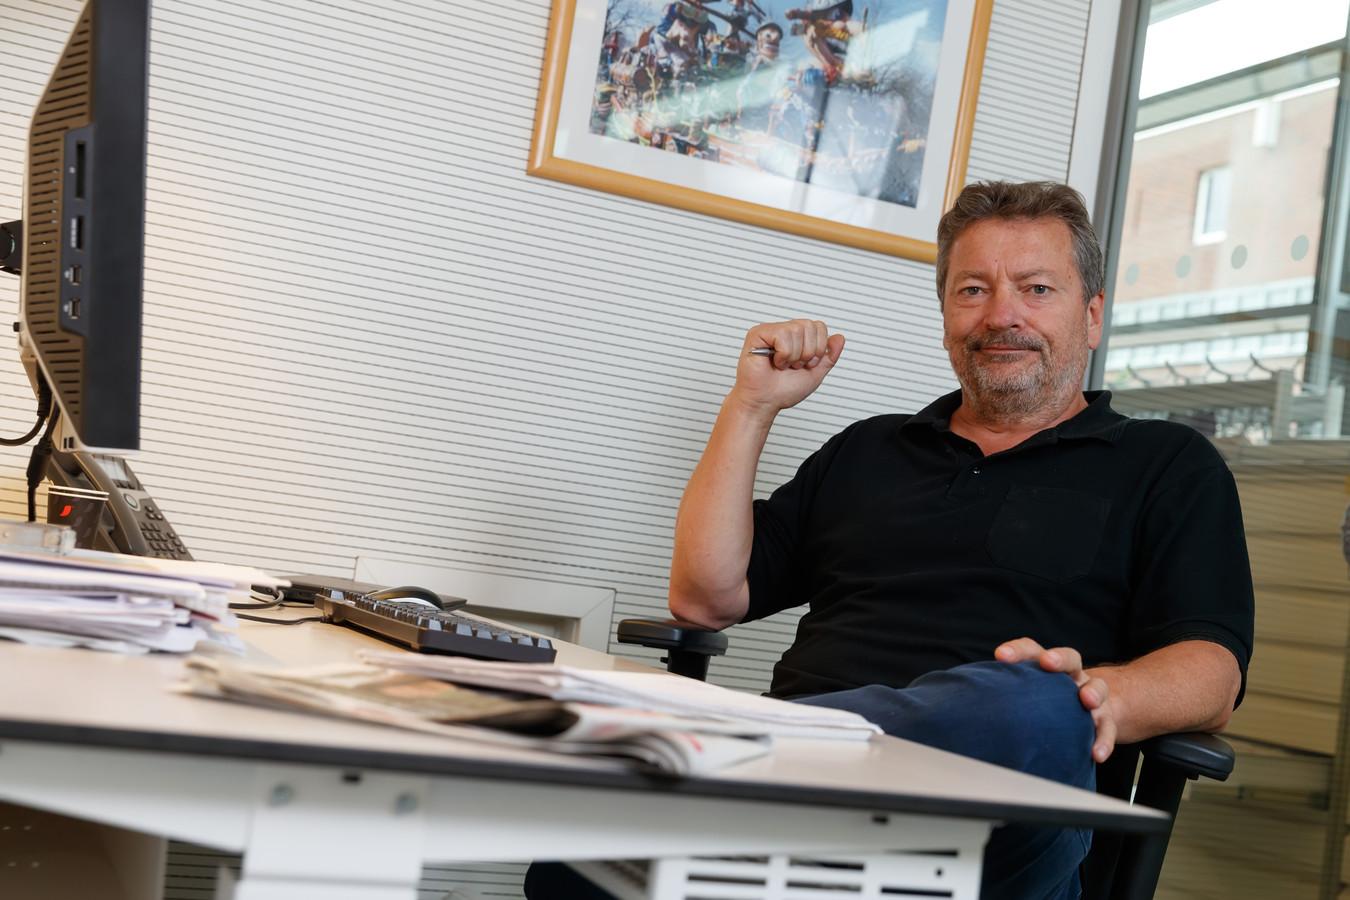 Hessel de Ree is misdaadverslaggever bij deze krant. ,,Ik kan niet zeggen dat ik net zo moedig ben als Peter R. de Vries, die is werkelijk onverschrokken. Maar we blijven overal verslag van doen en gebeurtenissen duiden, want dat is onze taak.''